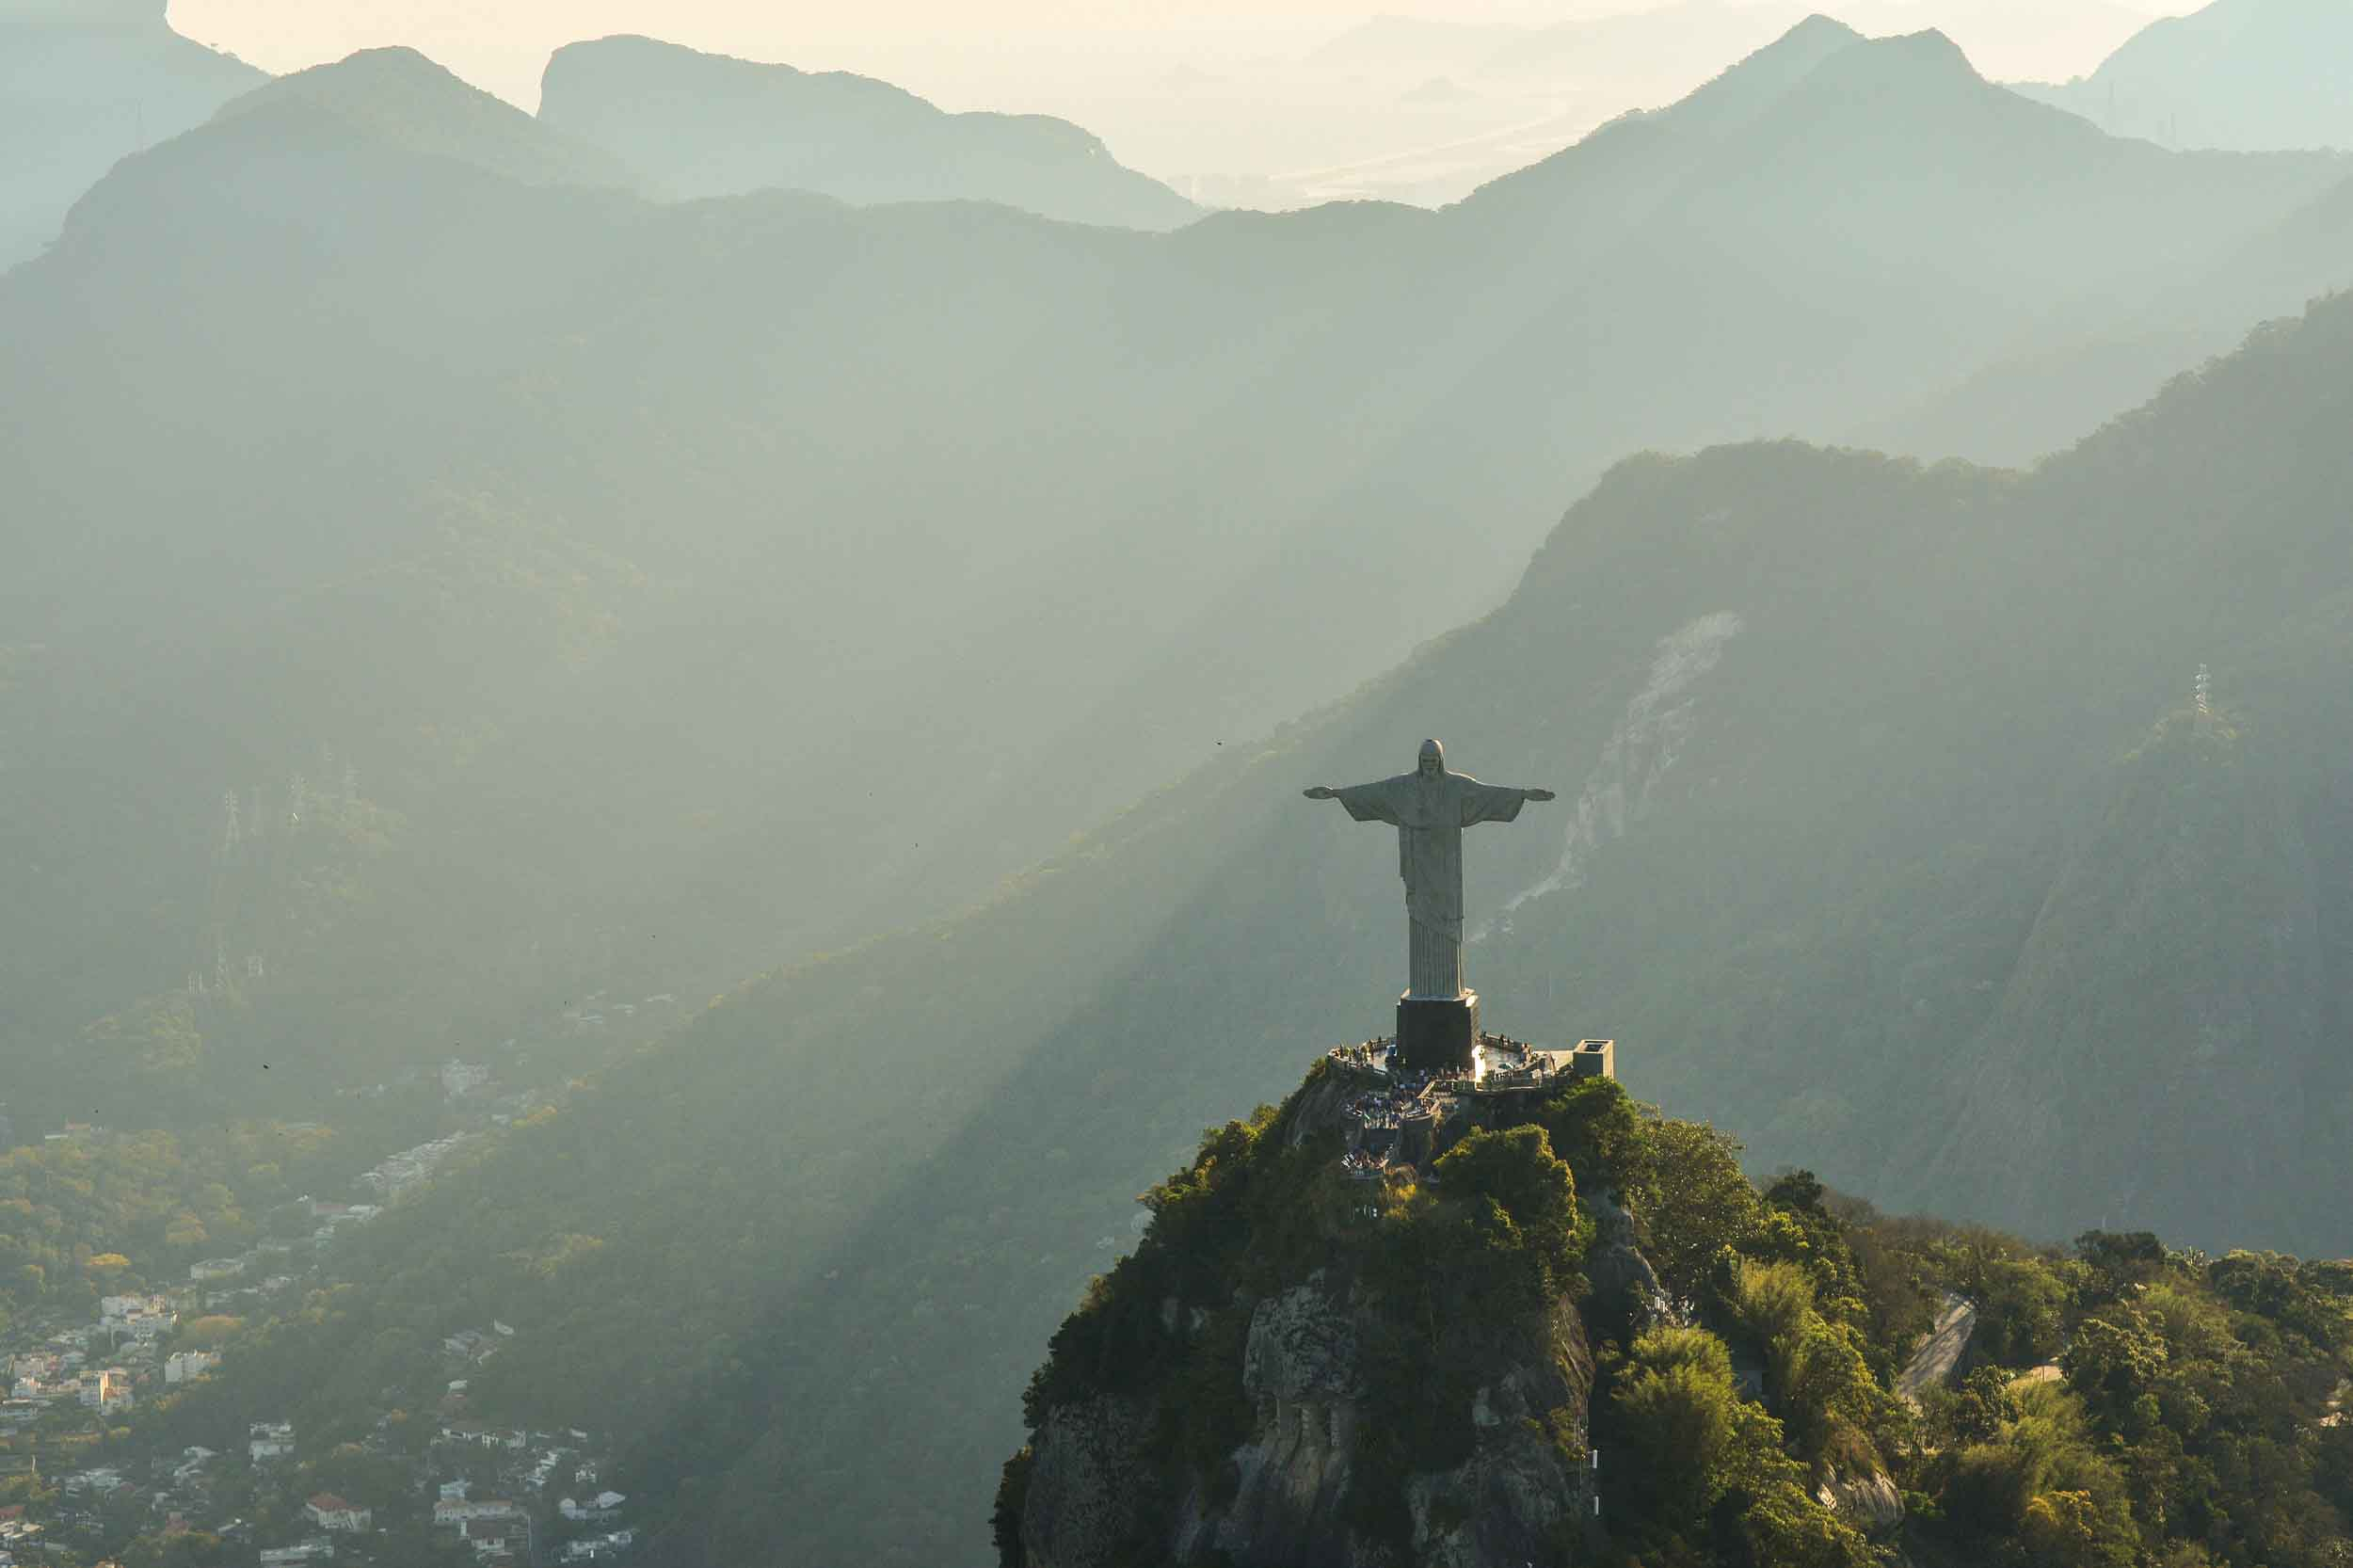 Brazil-image-asset (3).jpg